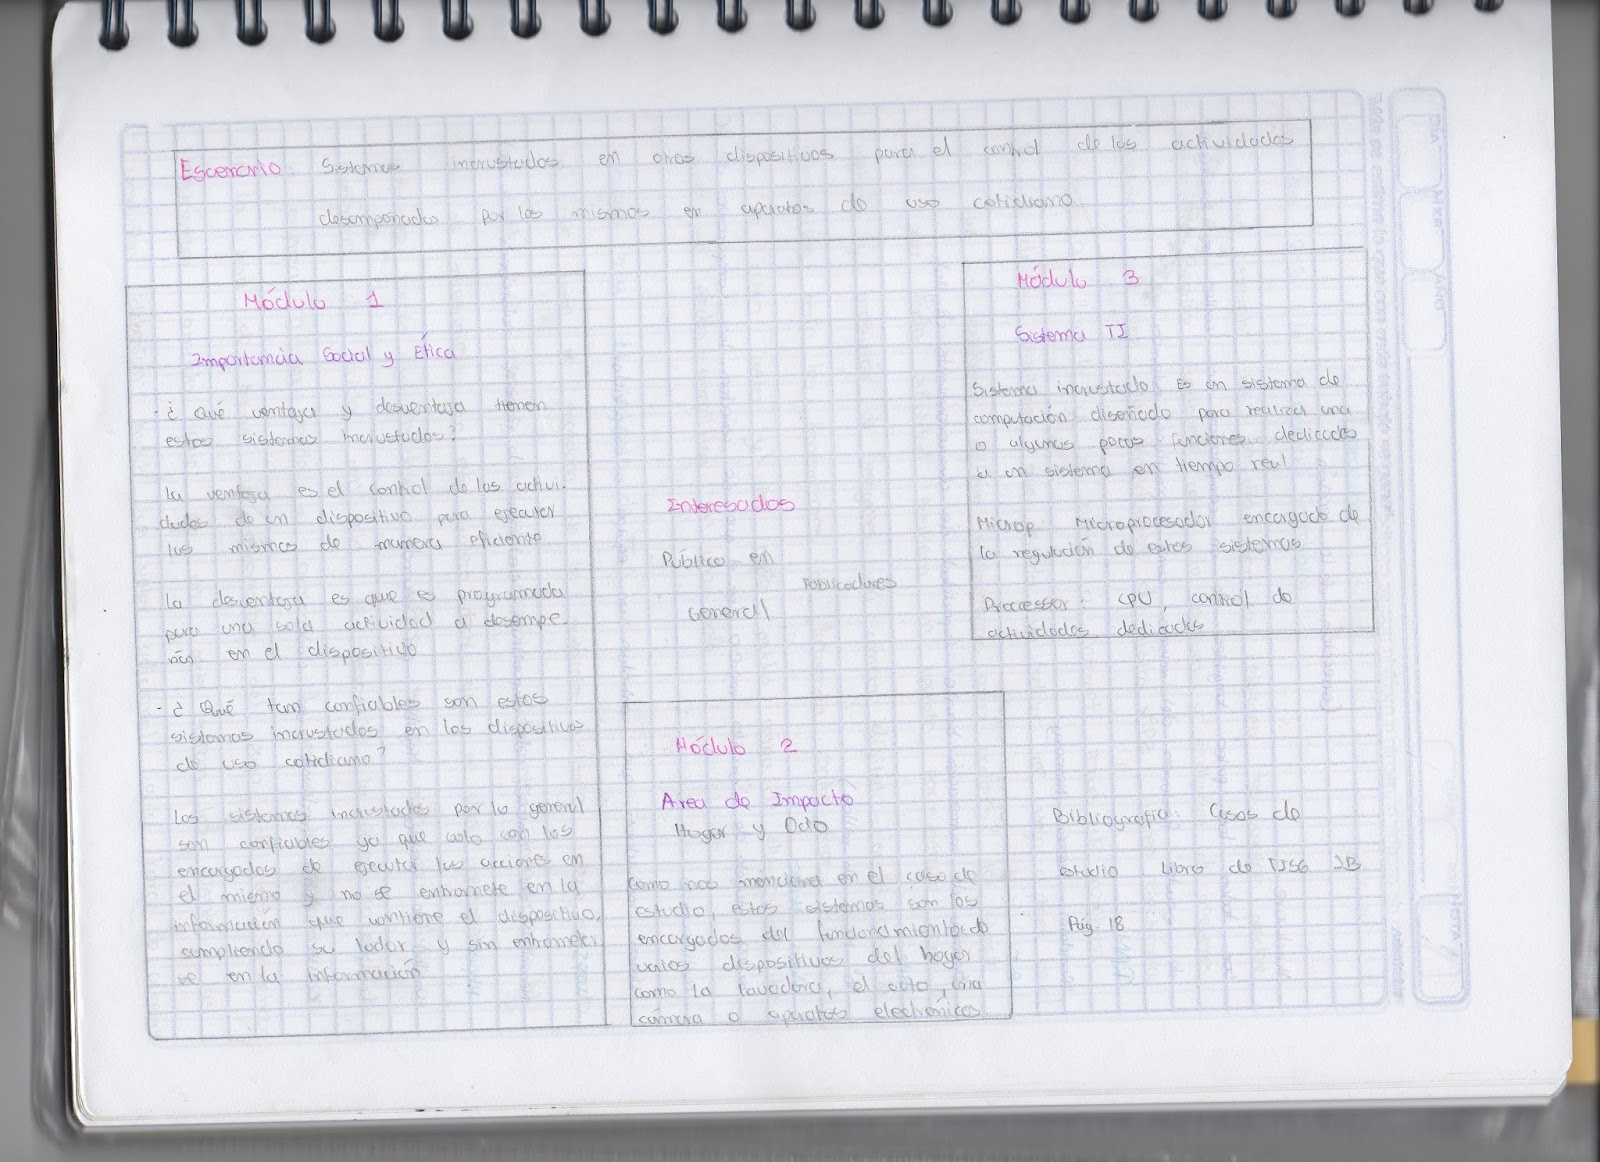 Tisg_IB_AE : Material revisado en el 1° IB